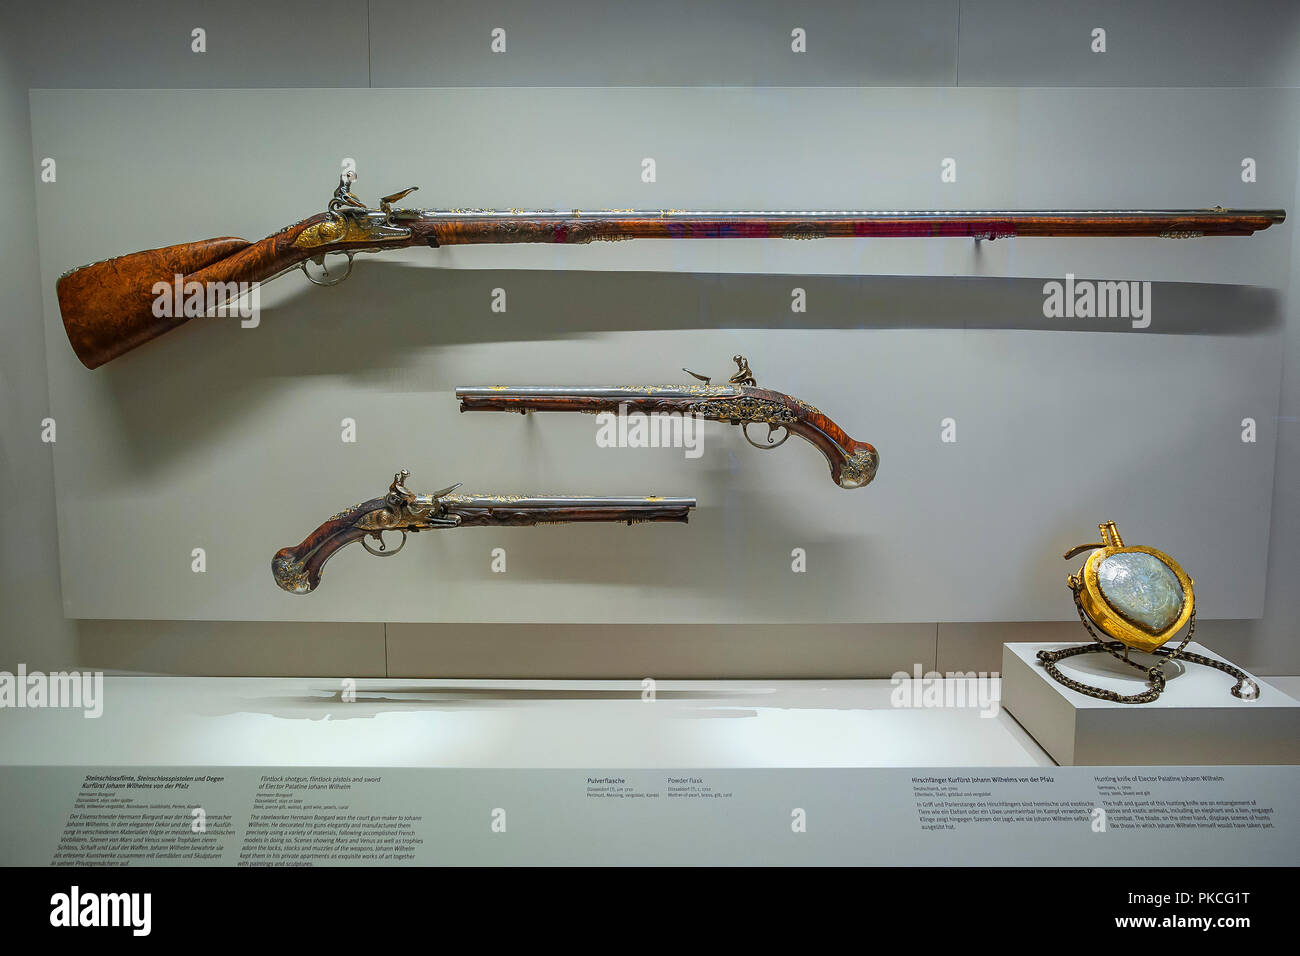 Flintlock Pistole und Gewehr des Kurfürsten Johann Wilhelm von der Pfalz, C. 1690, National Museum, München, Oberbayern, Bayern Stockbild